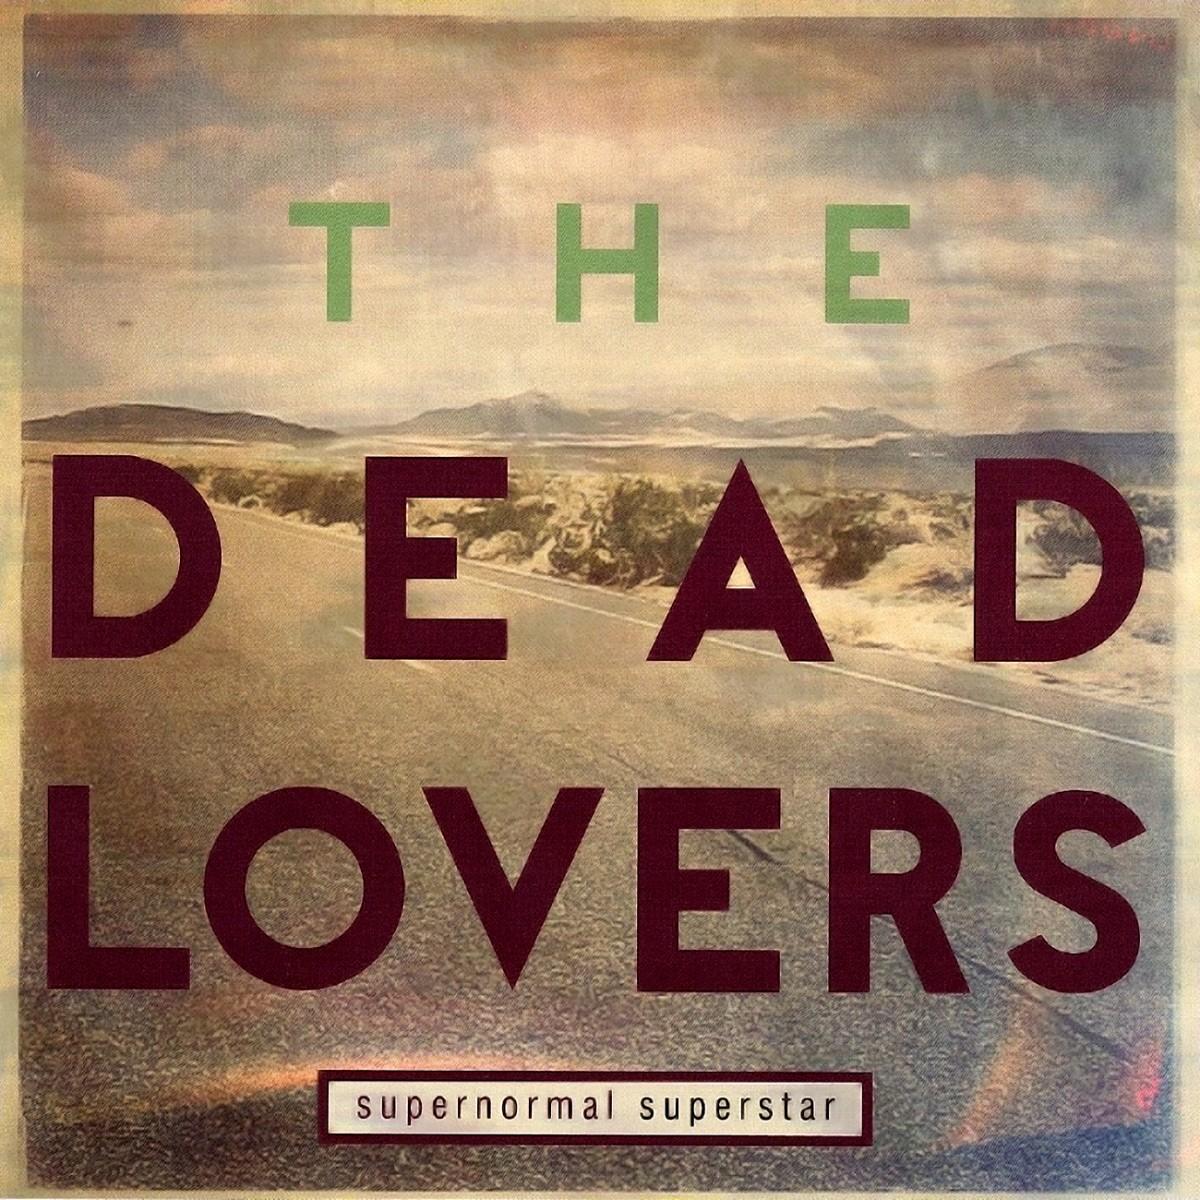 Dead Lovers: Supernormal Superstar (2014)